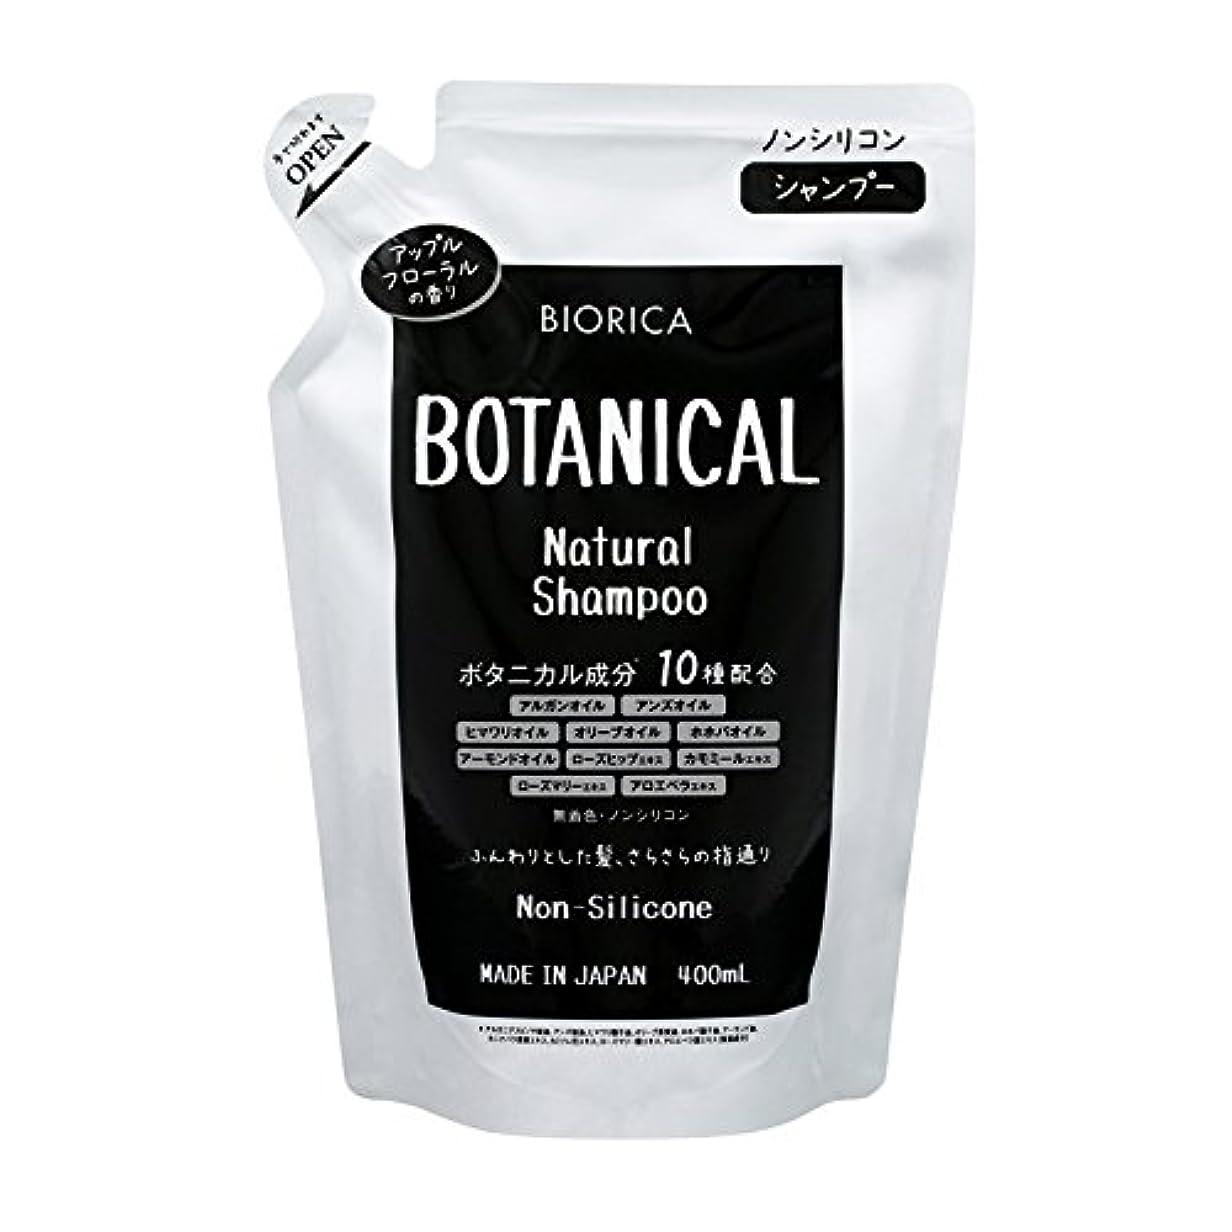 ブルジョン弱めるアイドルBIORICA ビオリカ ボタニカル ノンシリコン シャンプー 詰め替え アップルフローラルの香り 400ml 日本製